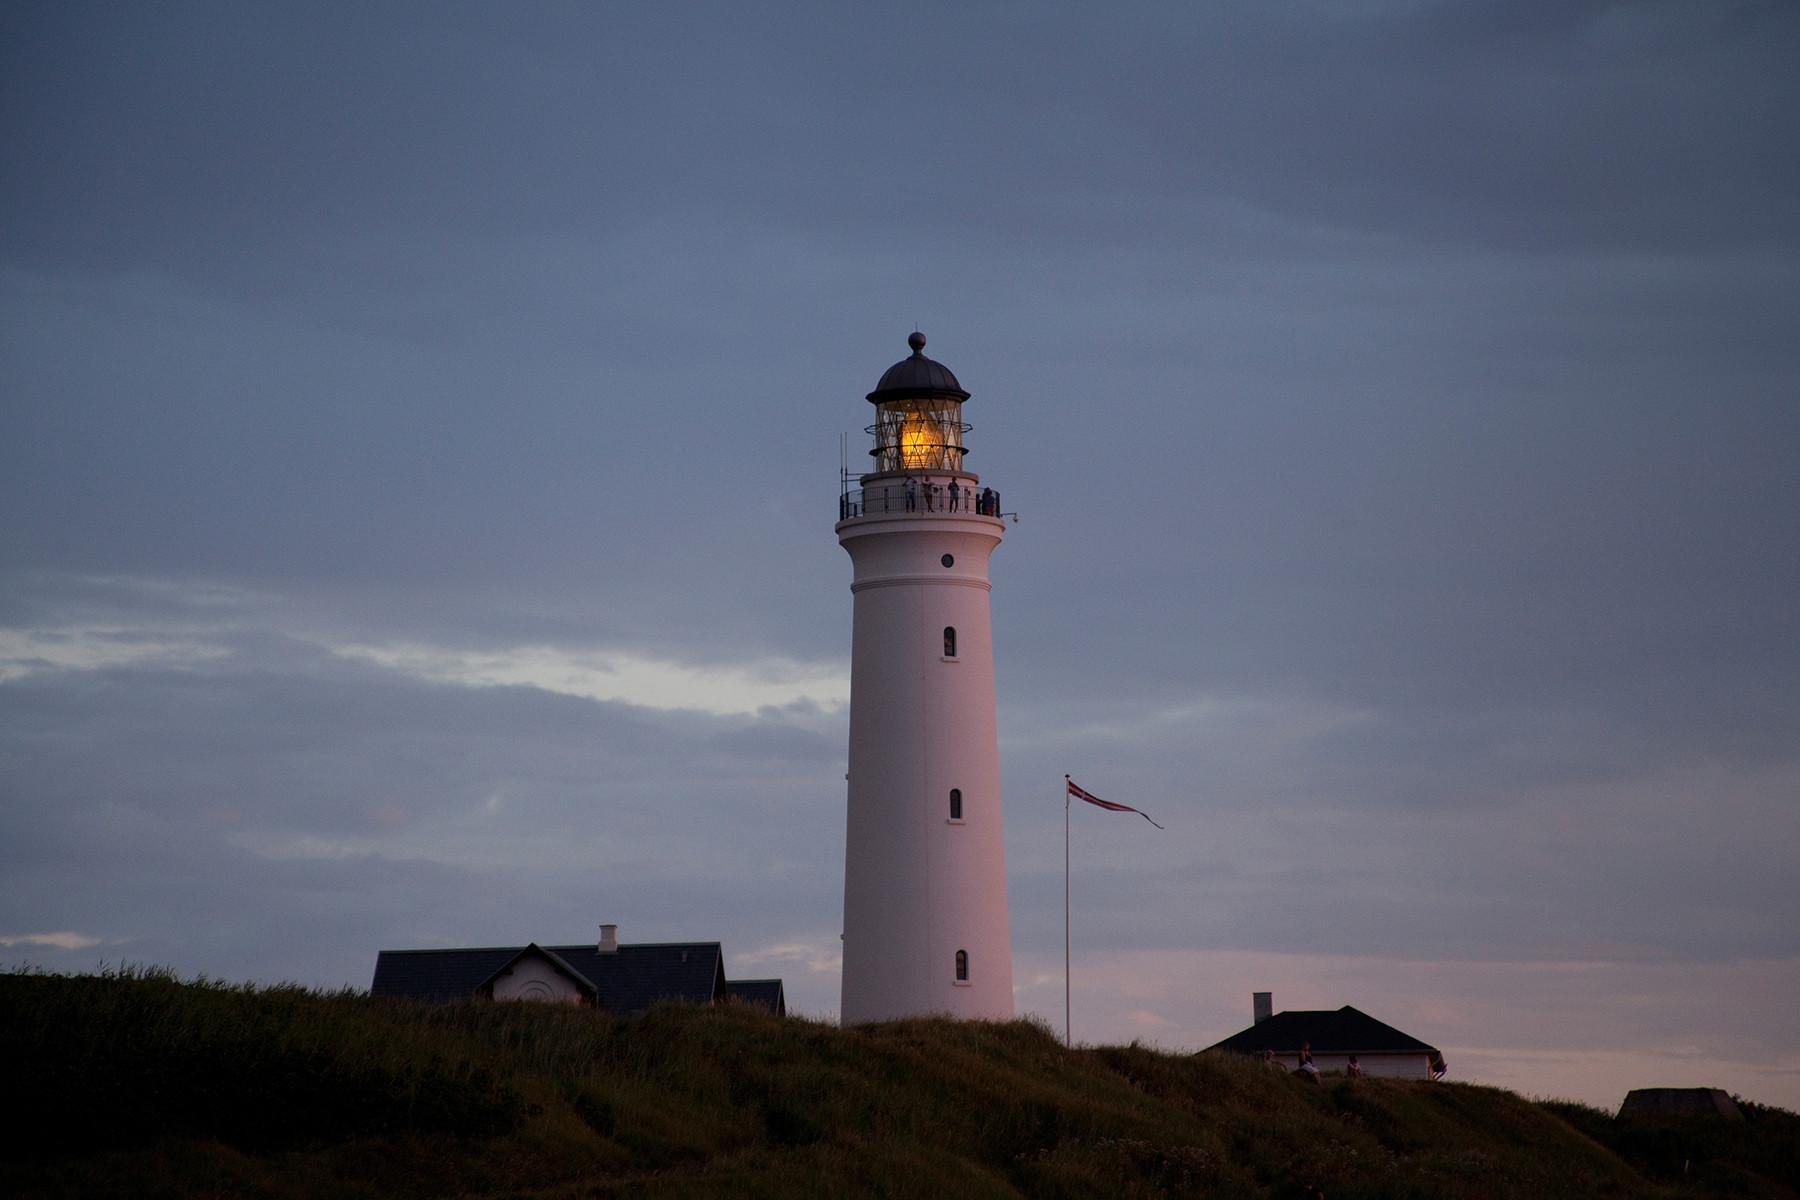 Island 2014 (Dänemark, Hirtshals, Leuchtturm)